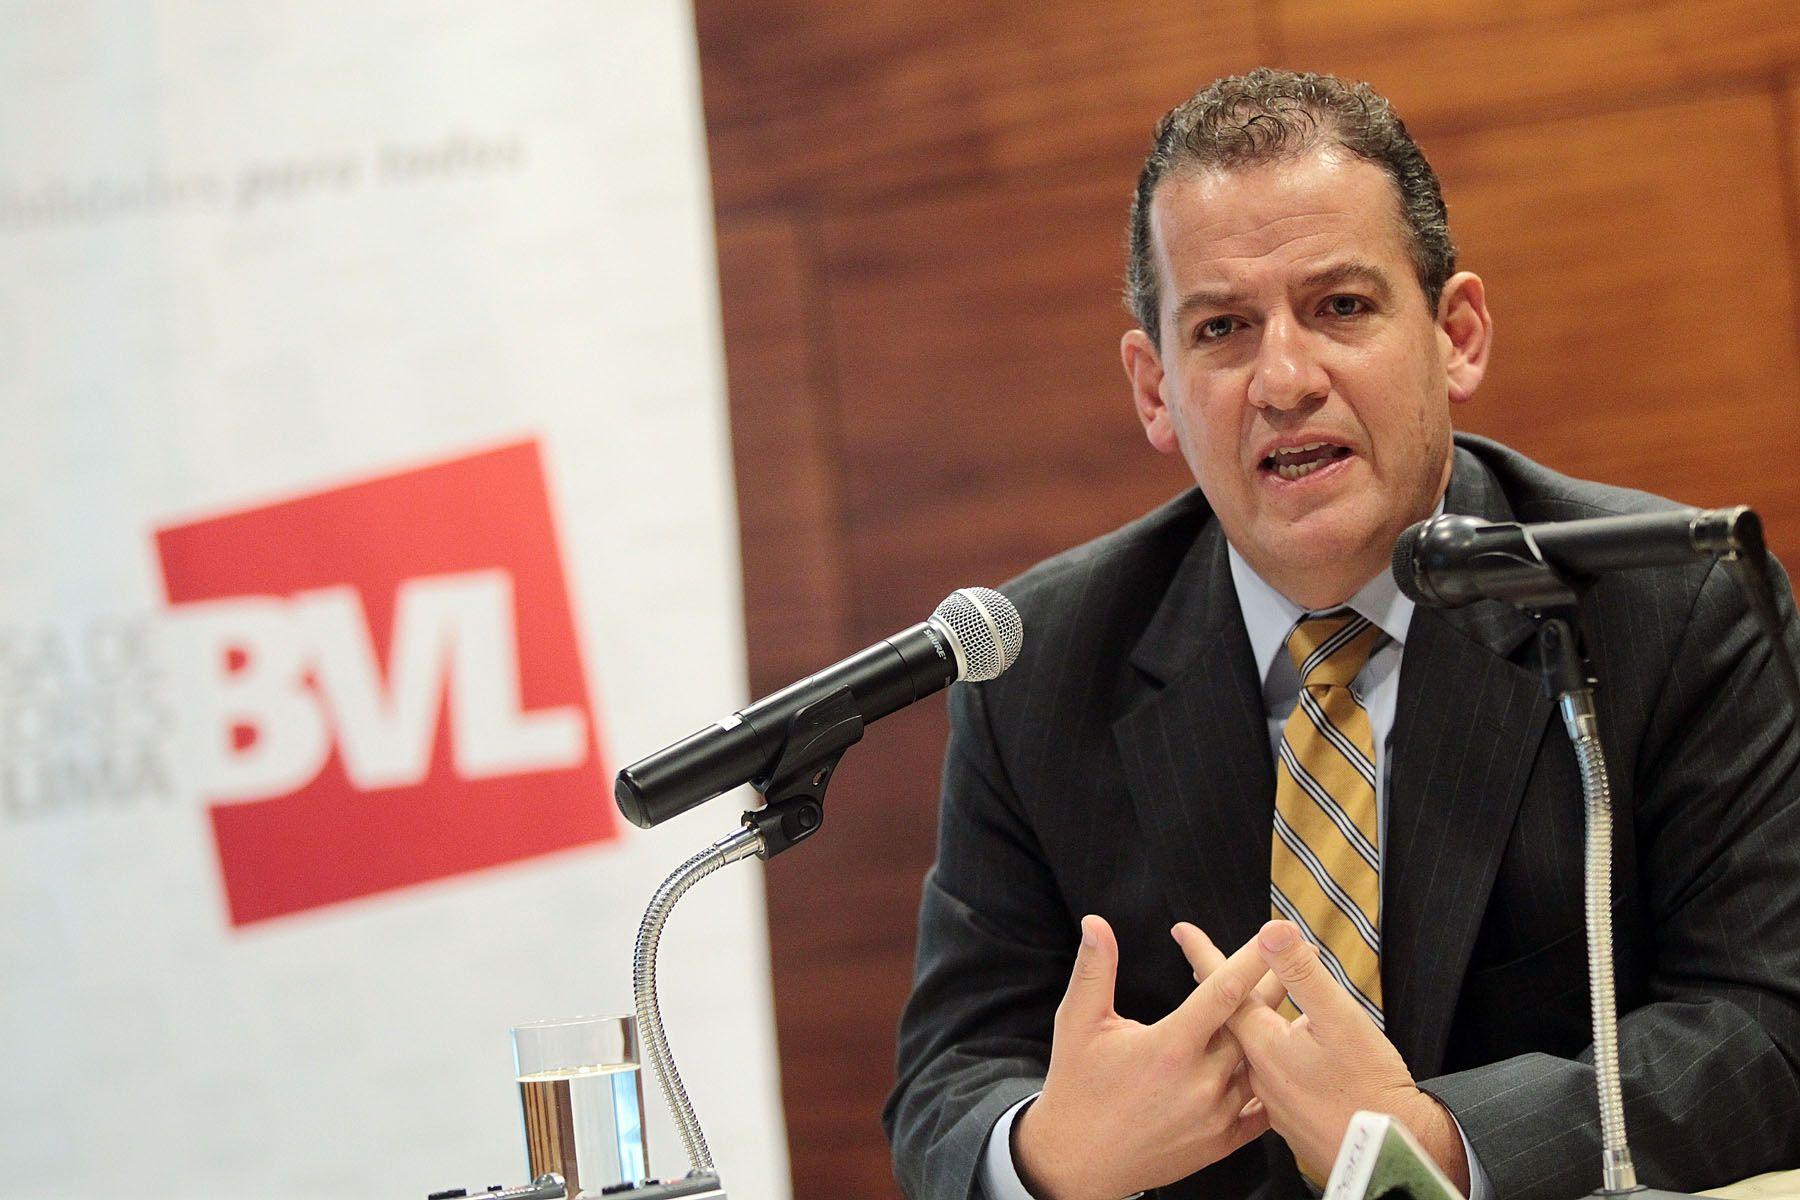 Gerente general de la BVL, Francis Stenning. ANDINA/Carlos Lezama